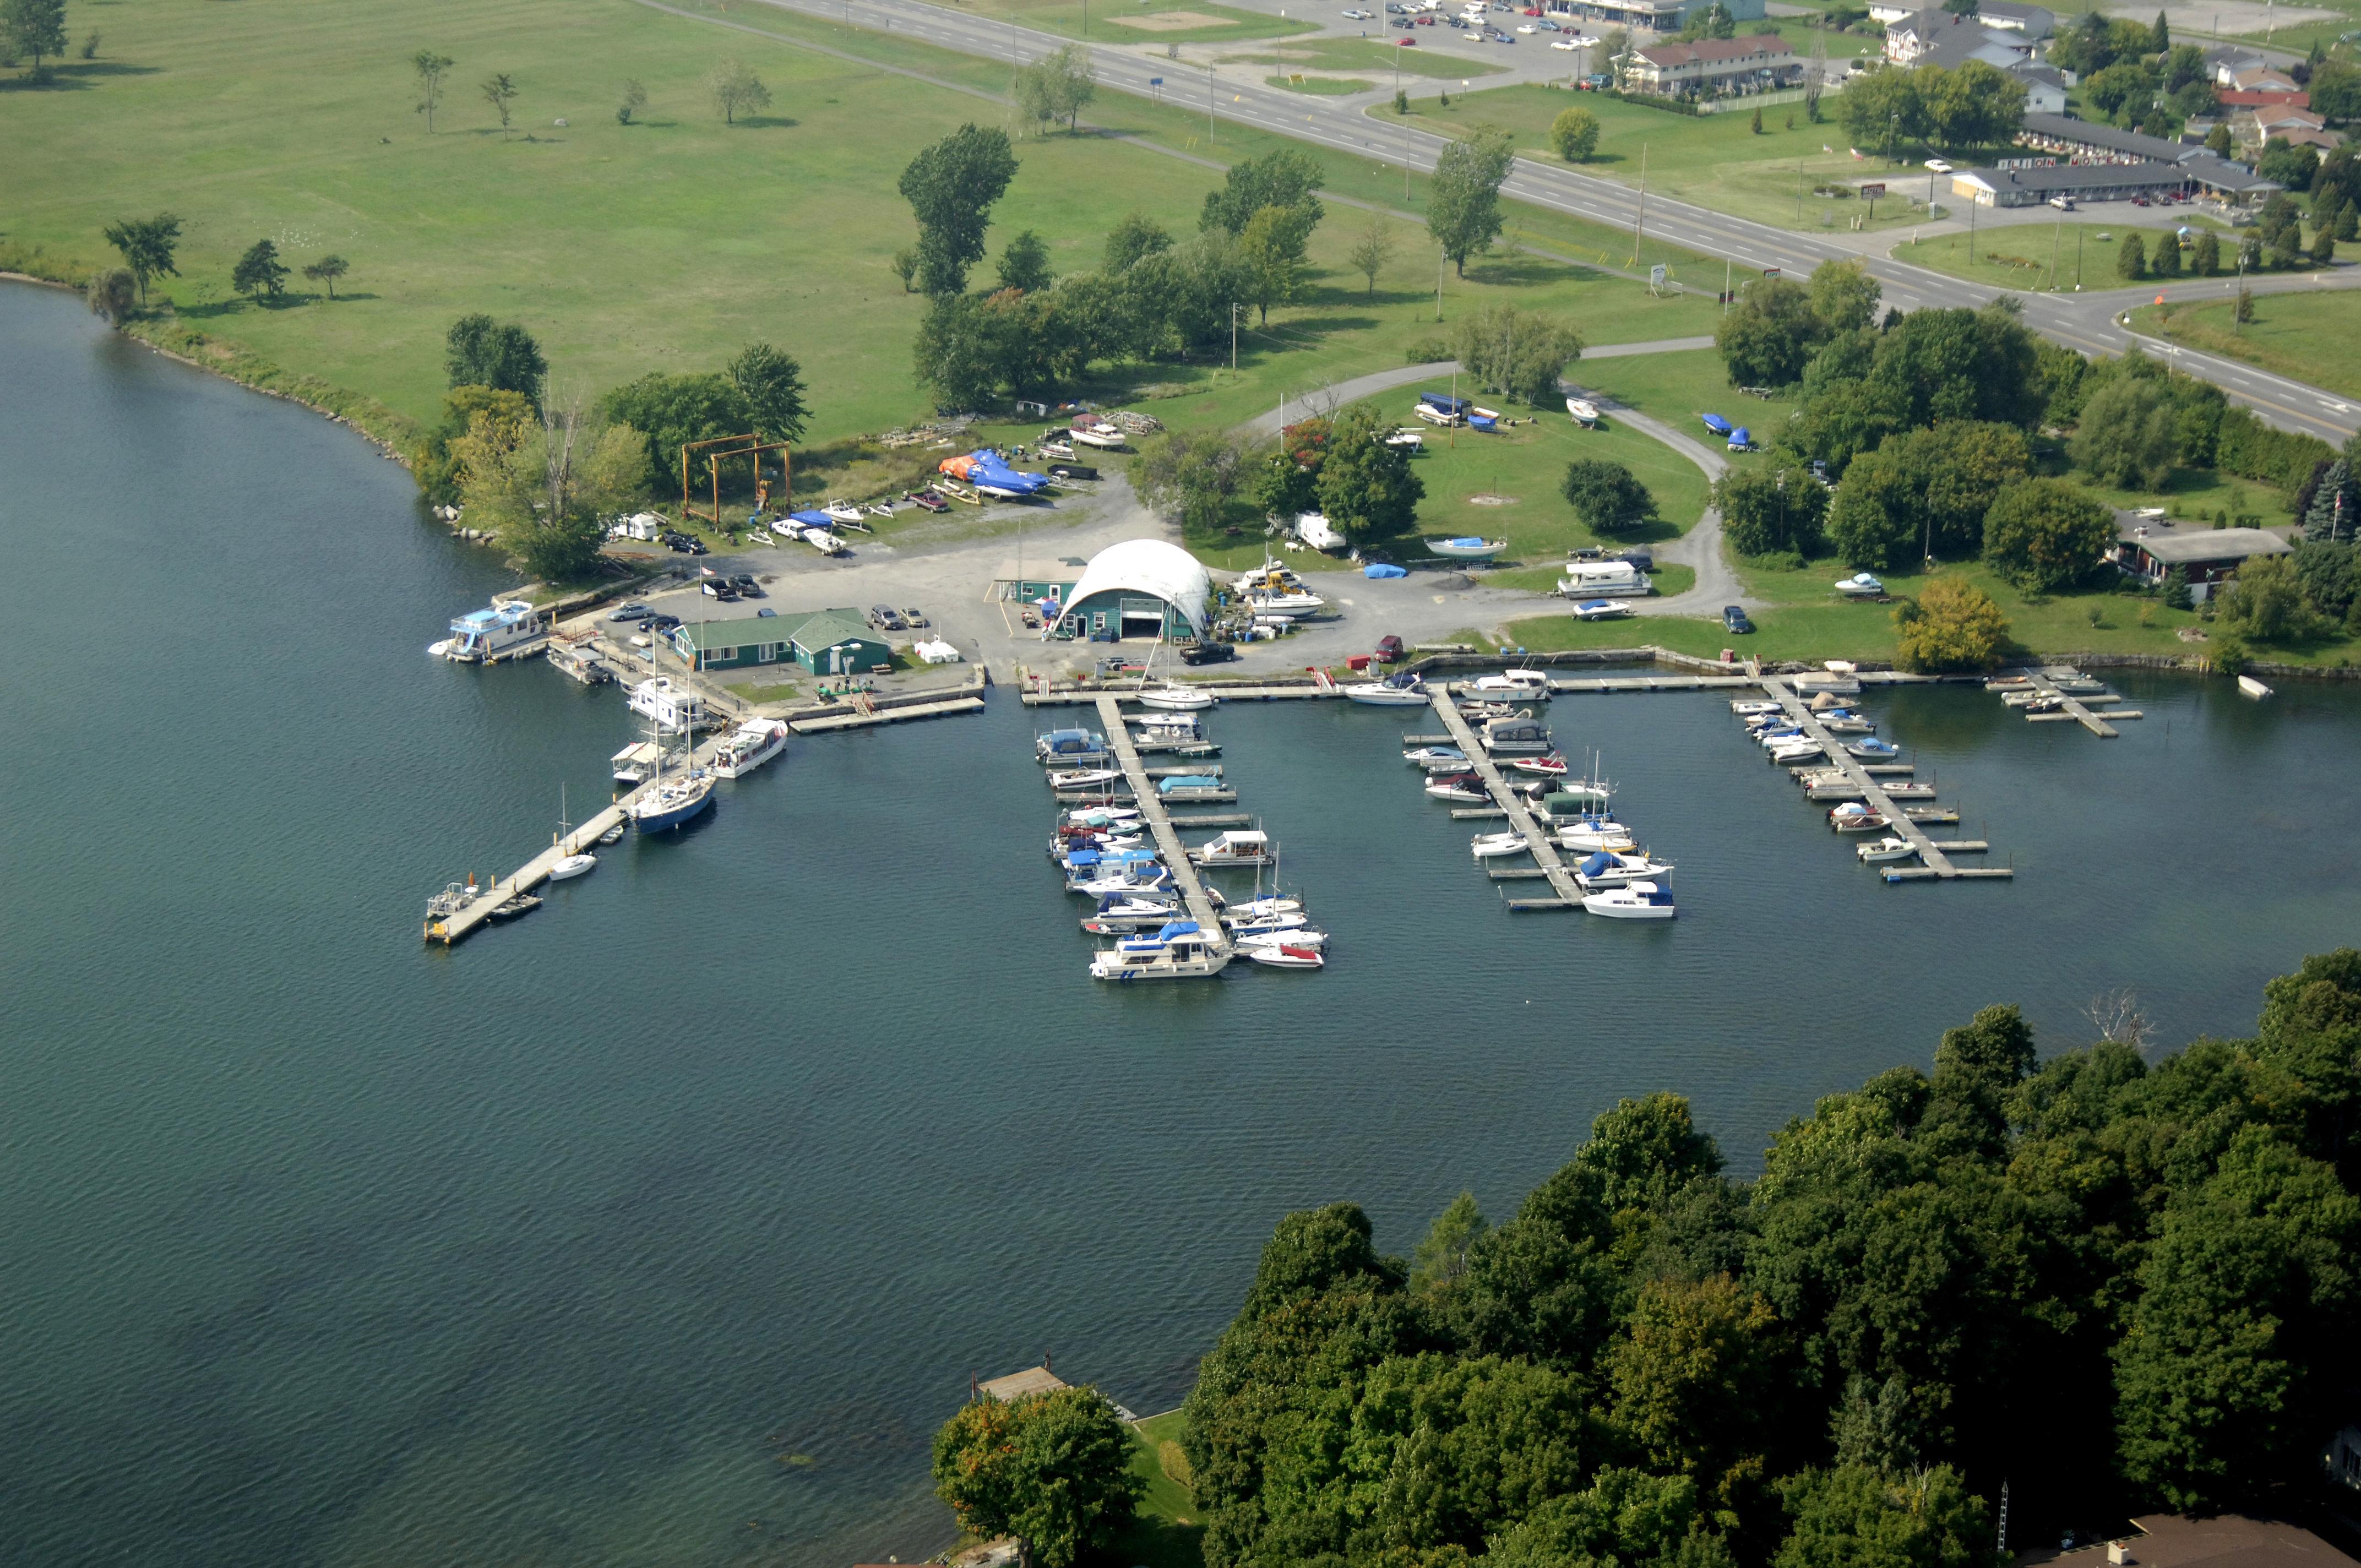 Long Sault Marina in Long Sault, ON, Canada - Marina Reviews